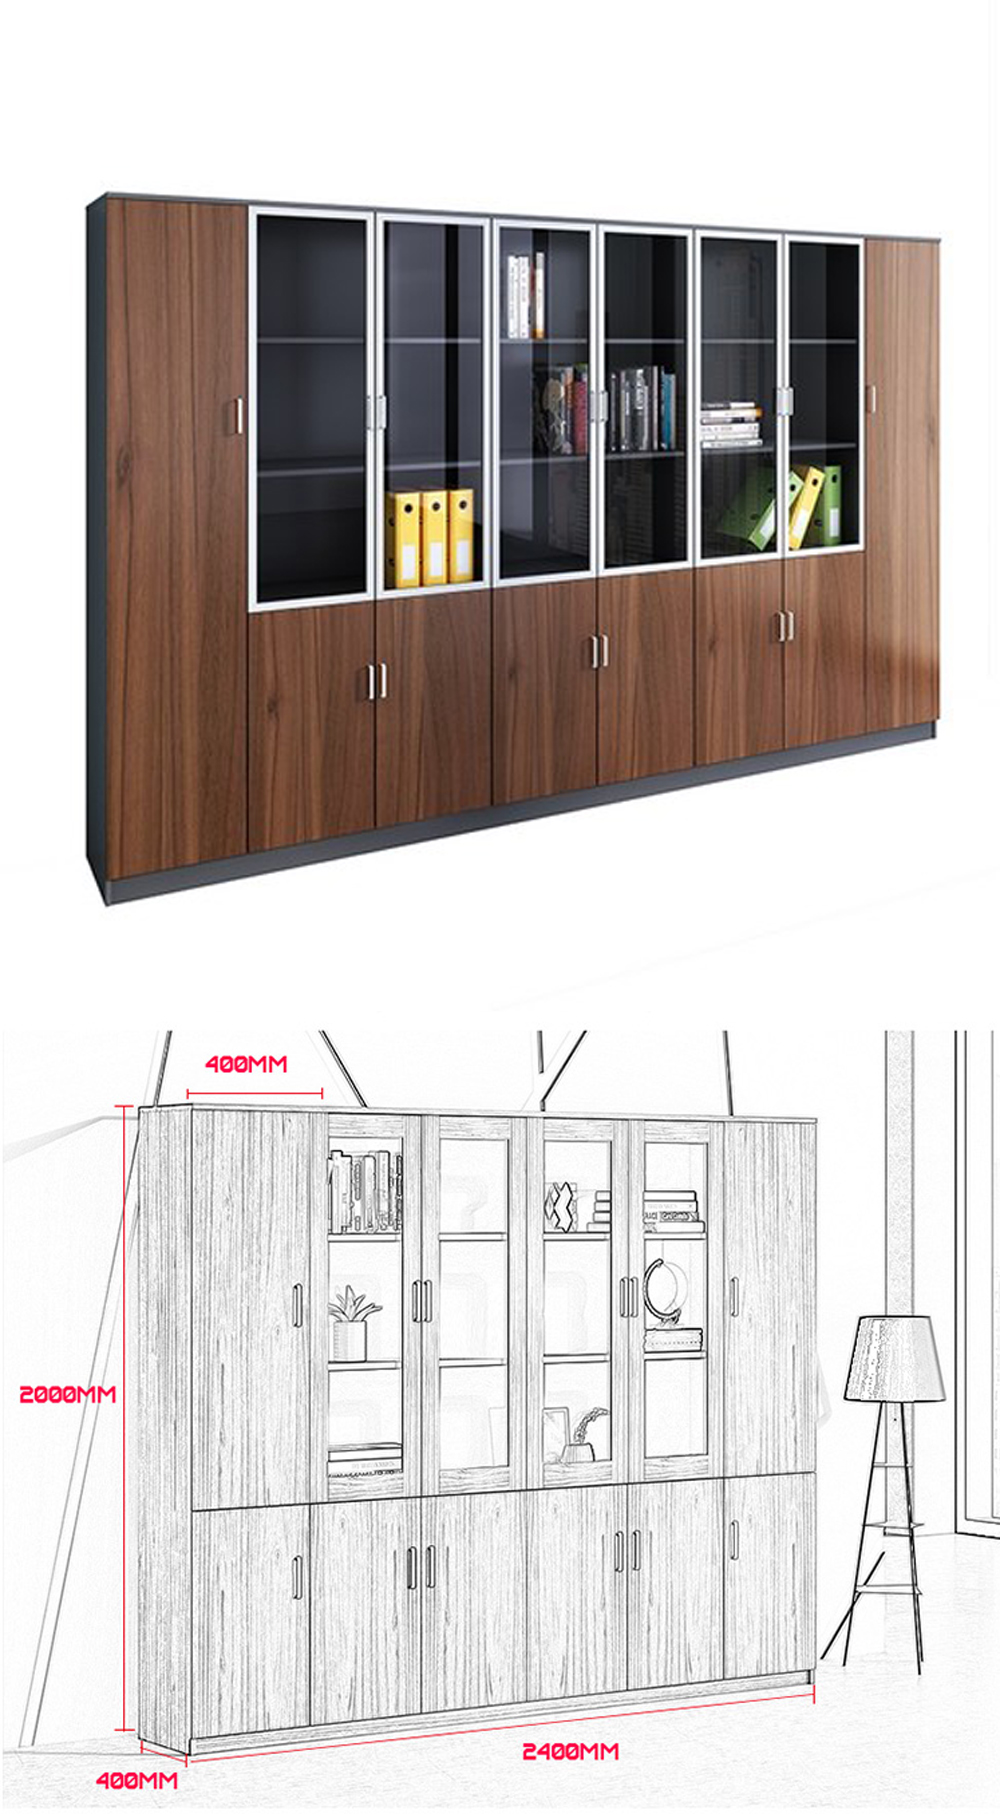 Trang trí bức tường chống bằng một chiếc tủ tài liệu hoàn hảo tính thẩm mỹ cực kỳ cao.